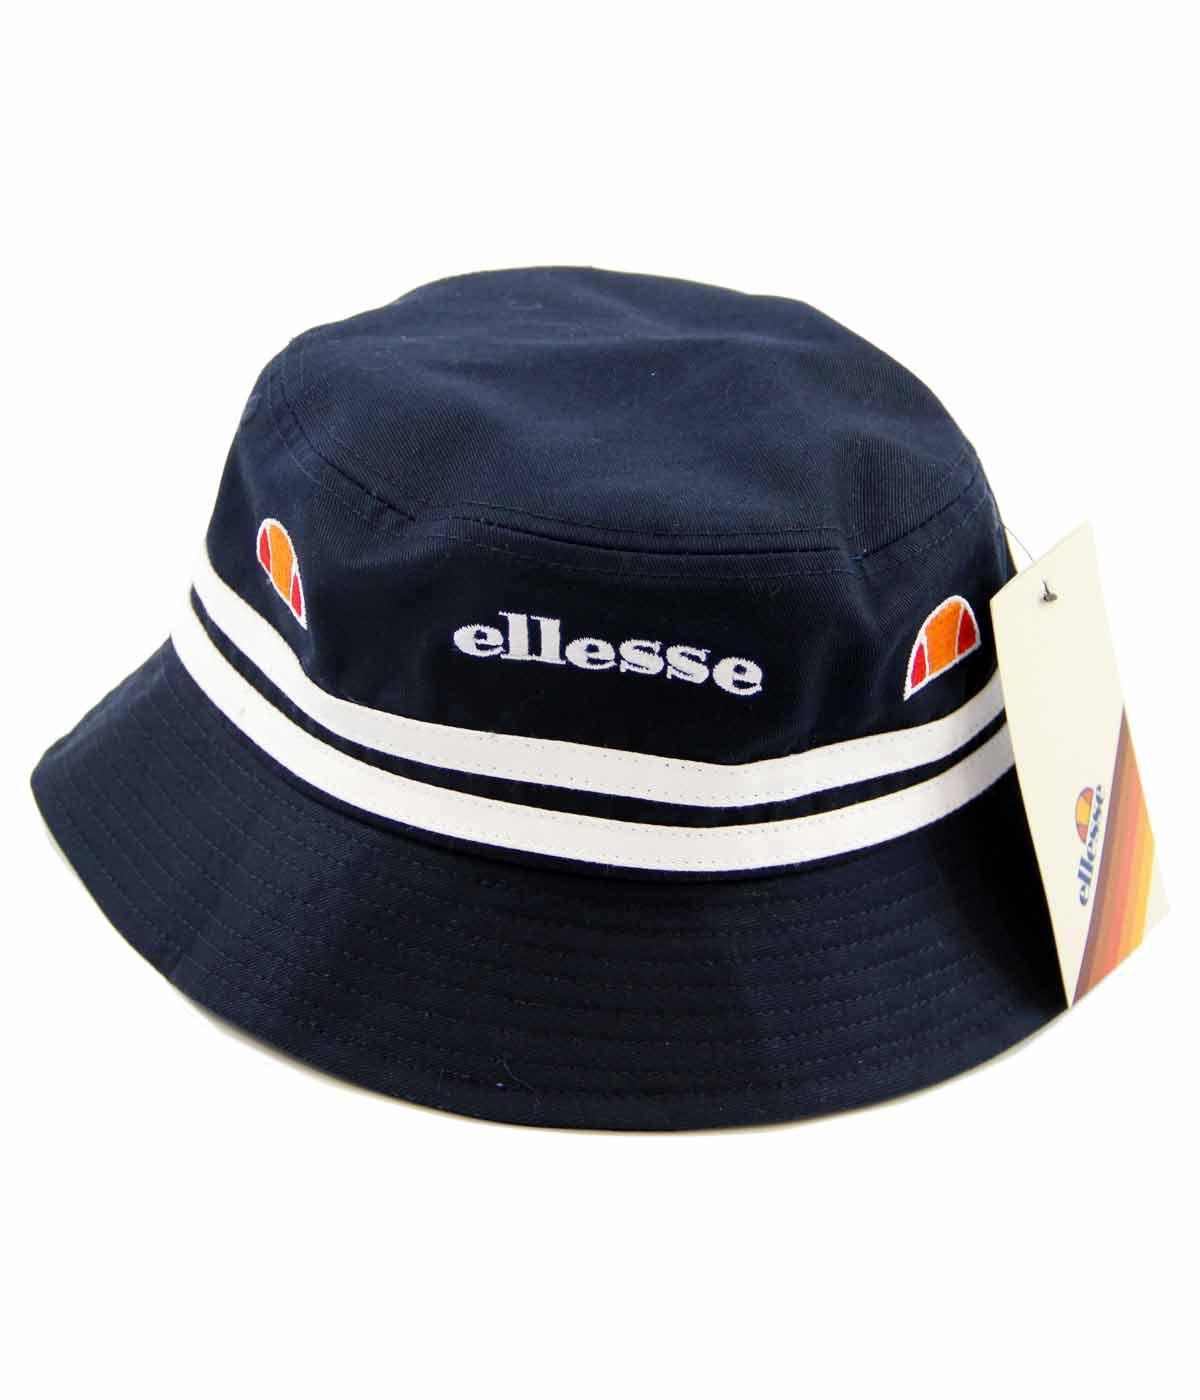 44e6ff2b3dd ... buy lorenzo ii ellesse retro 1990s britpop bucket hat 86b8a 5fa19 ...